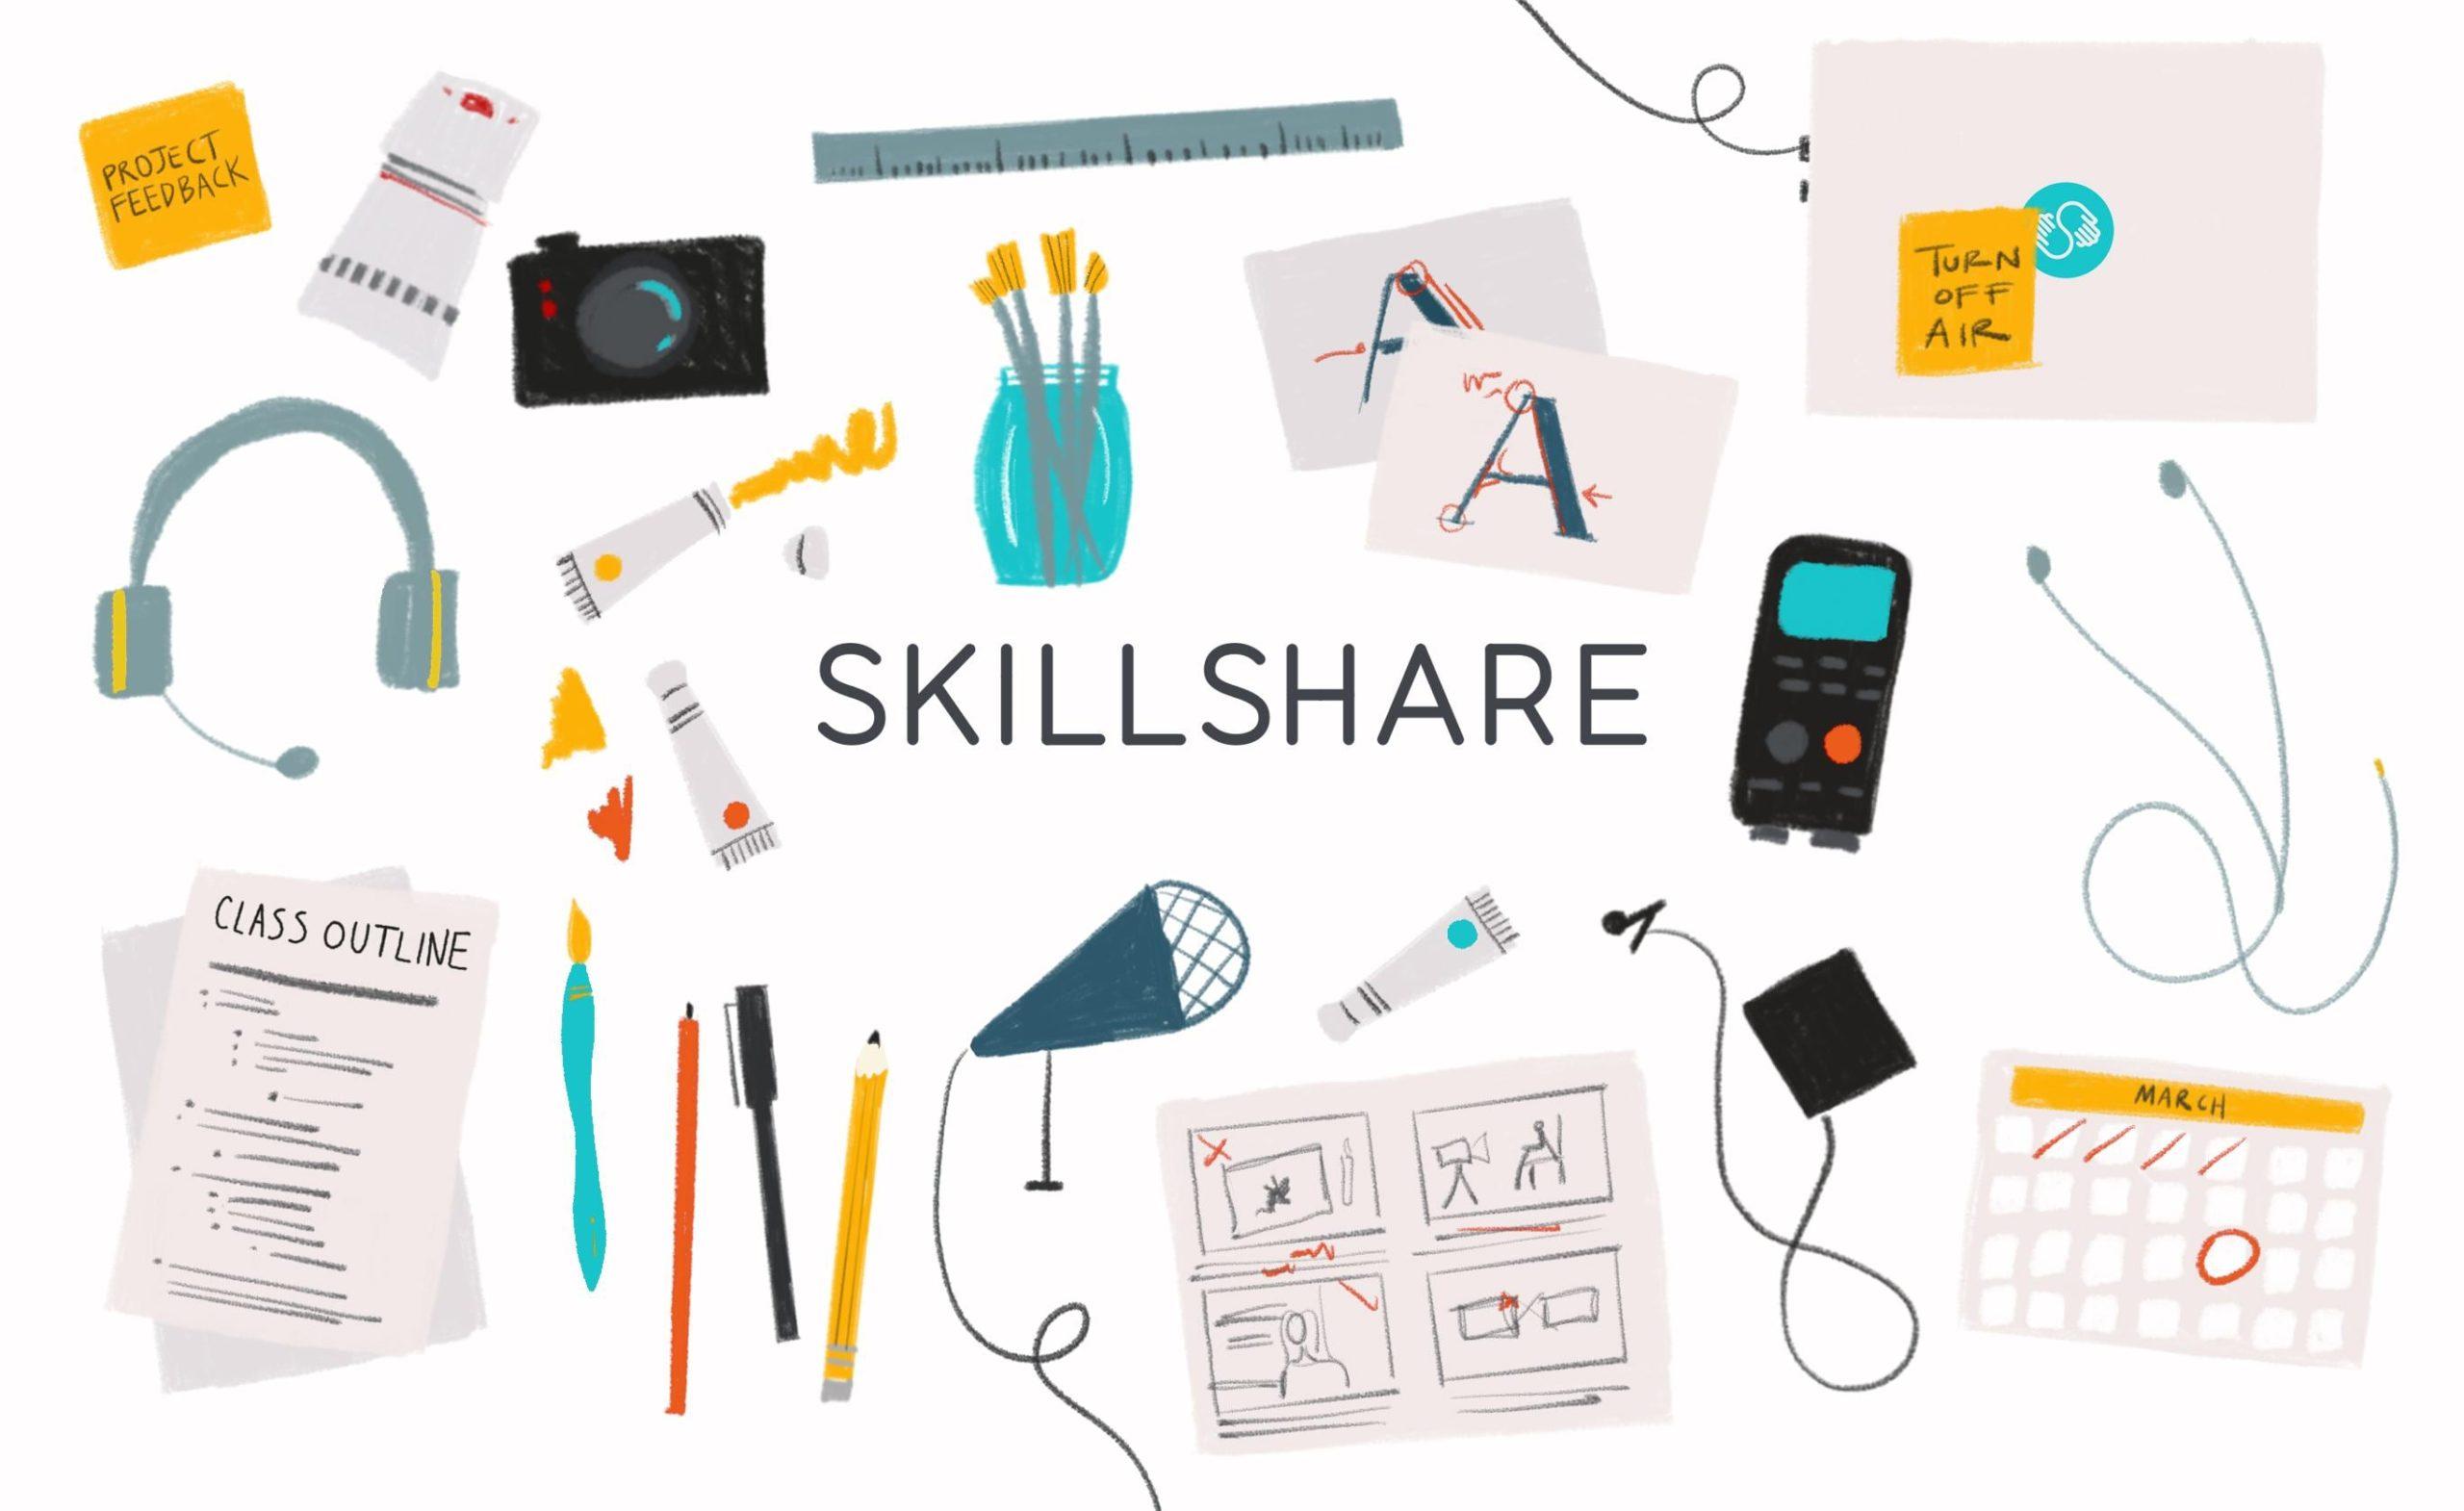 Skillshare – открытие этого года. Как получить 2 месяца премиума Skillshare бесплатно и 3 месяца Todoist Premium в придачу